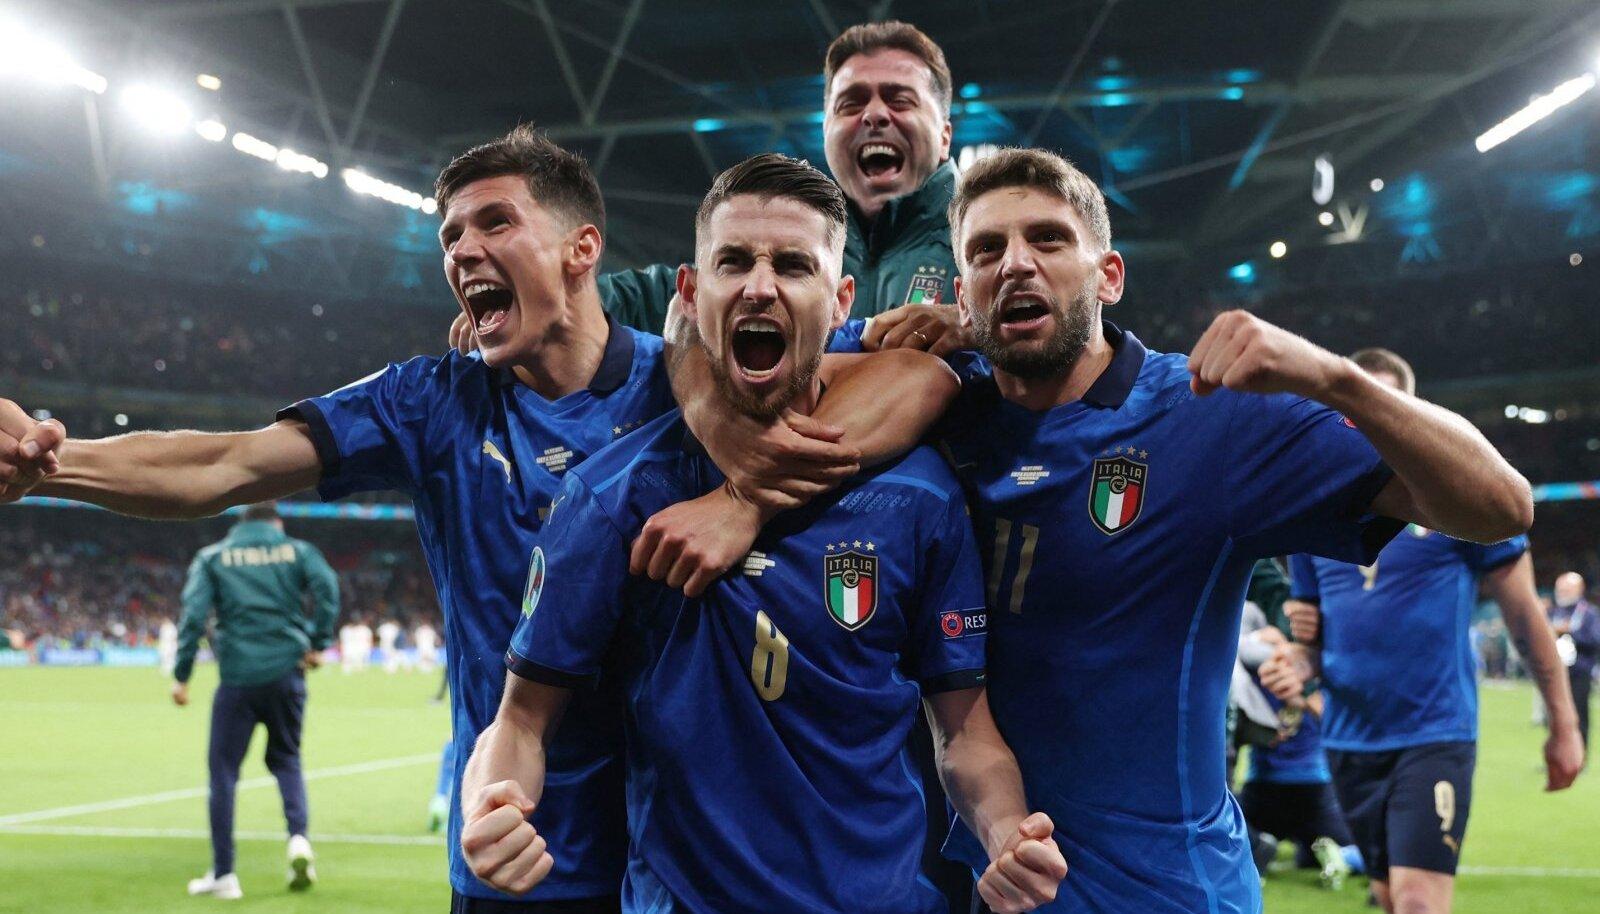 Poolfinaalis Itaalia sangariks kerkinud Jorginho (keskel) on sündinud ja kasvanud Brasiilias. 15-aastaselt tuli ta õnne otsima Itaaliasse, kus ta sai lõpuks ka kodakondsuse. Seda tänu vanavanaisale, kes oli pärit Põhja-Itaalia väikelinnast Lusianast.